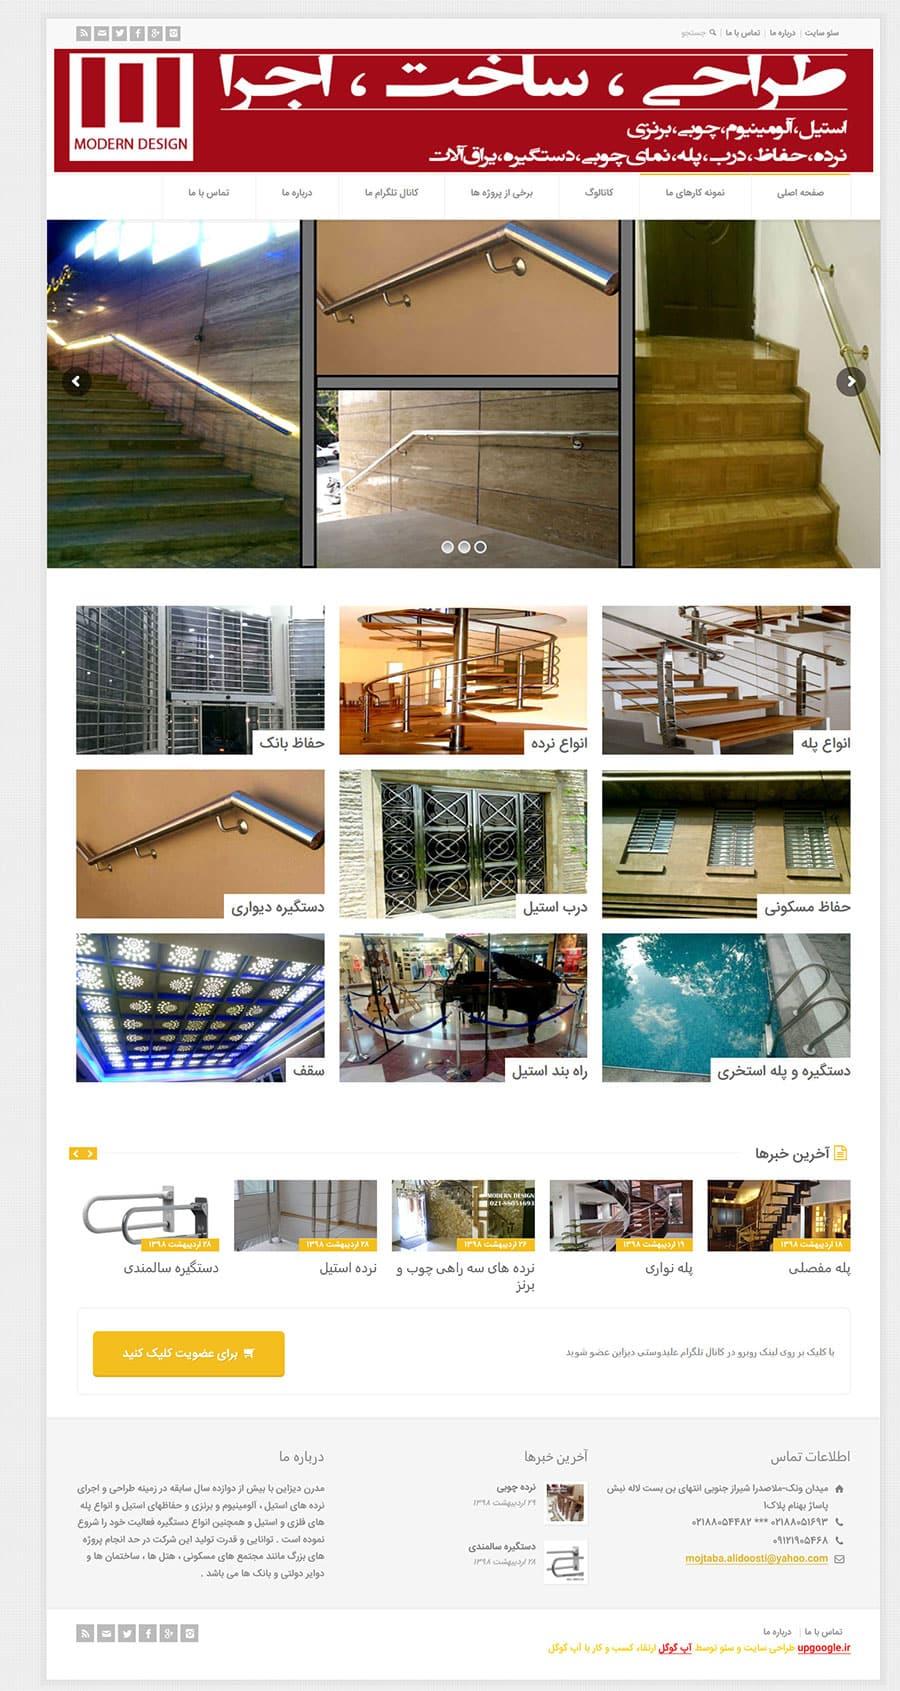 طراحی سایت دکوراسیون علیدوستی دیزاین